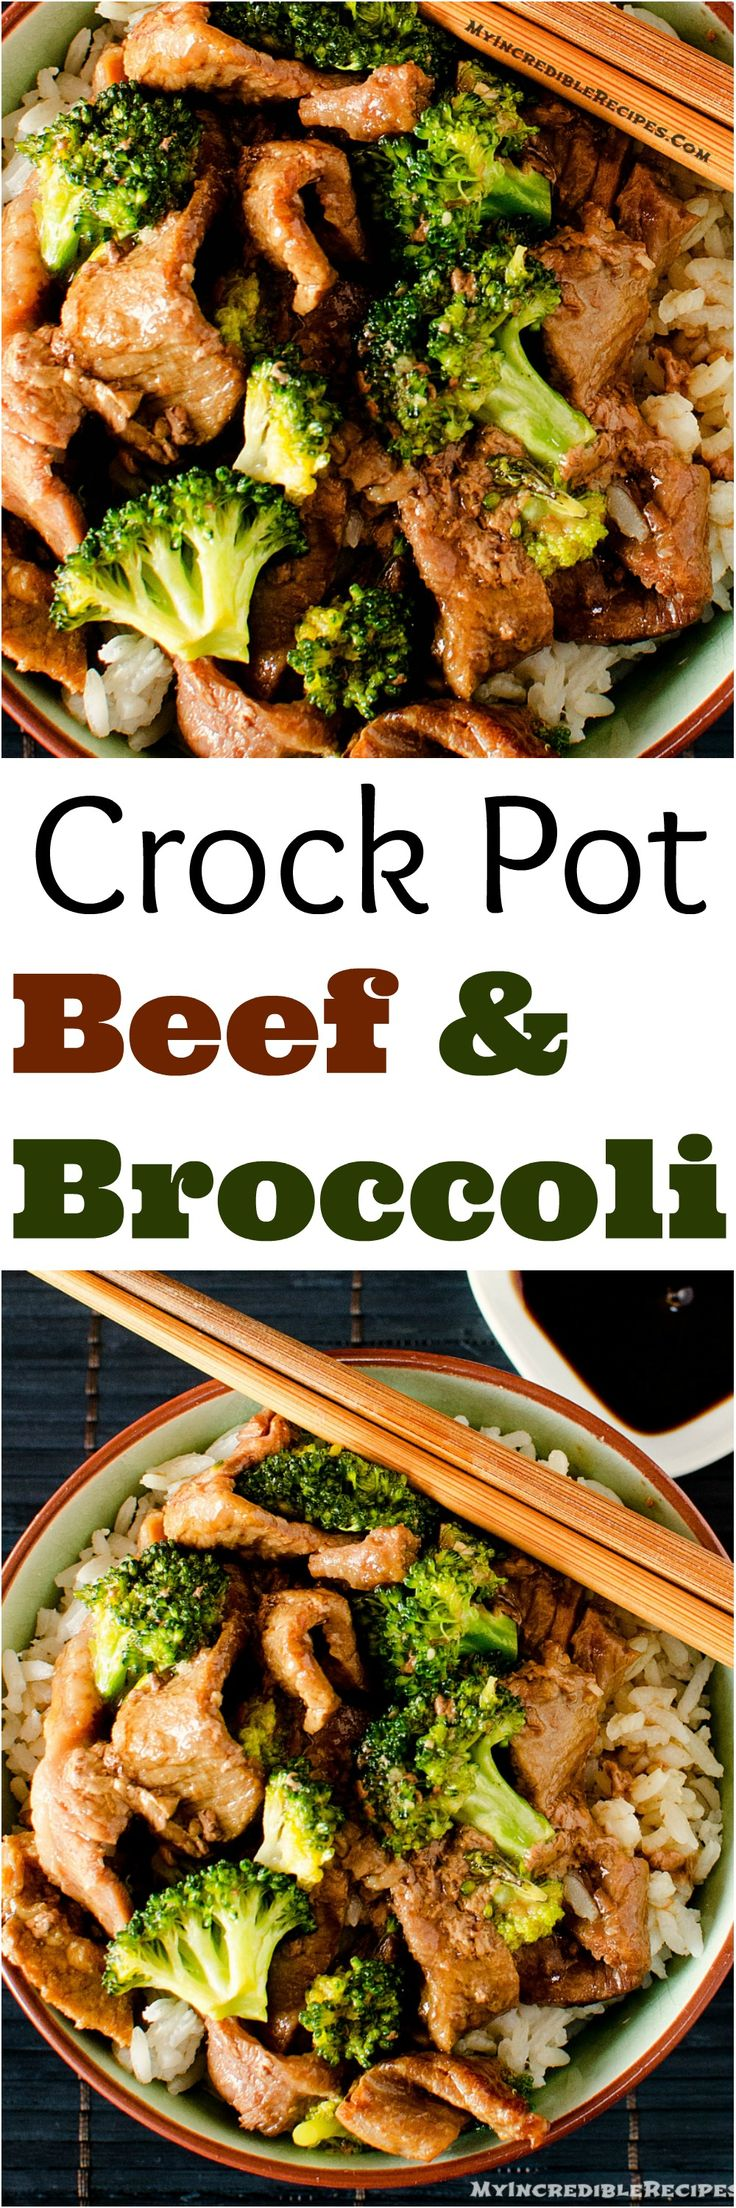 Slow Cooker Beef & Broccoli!